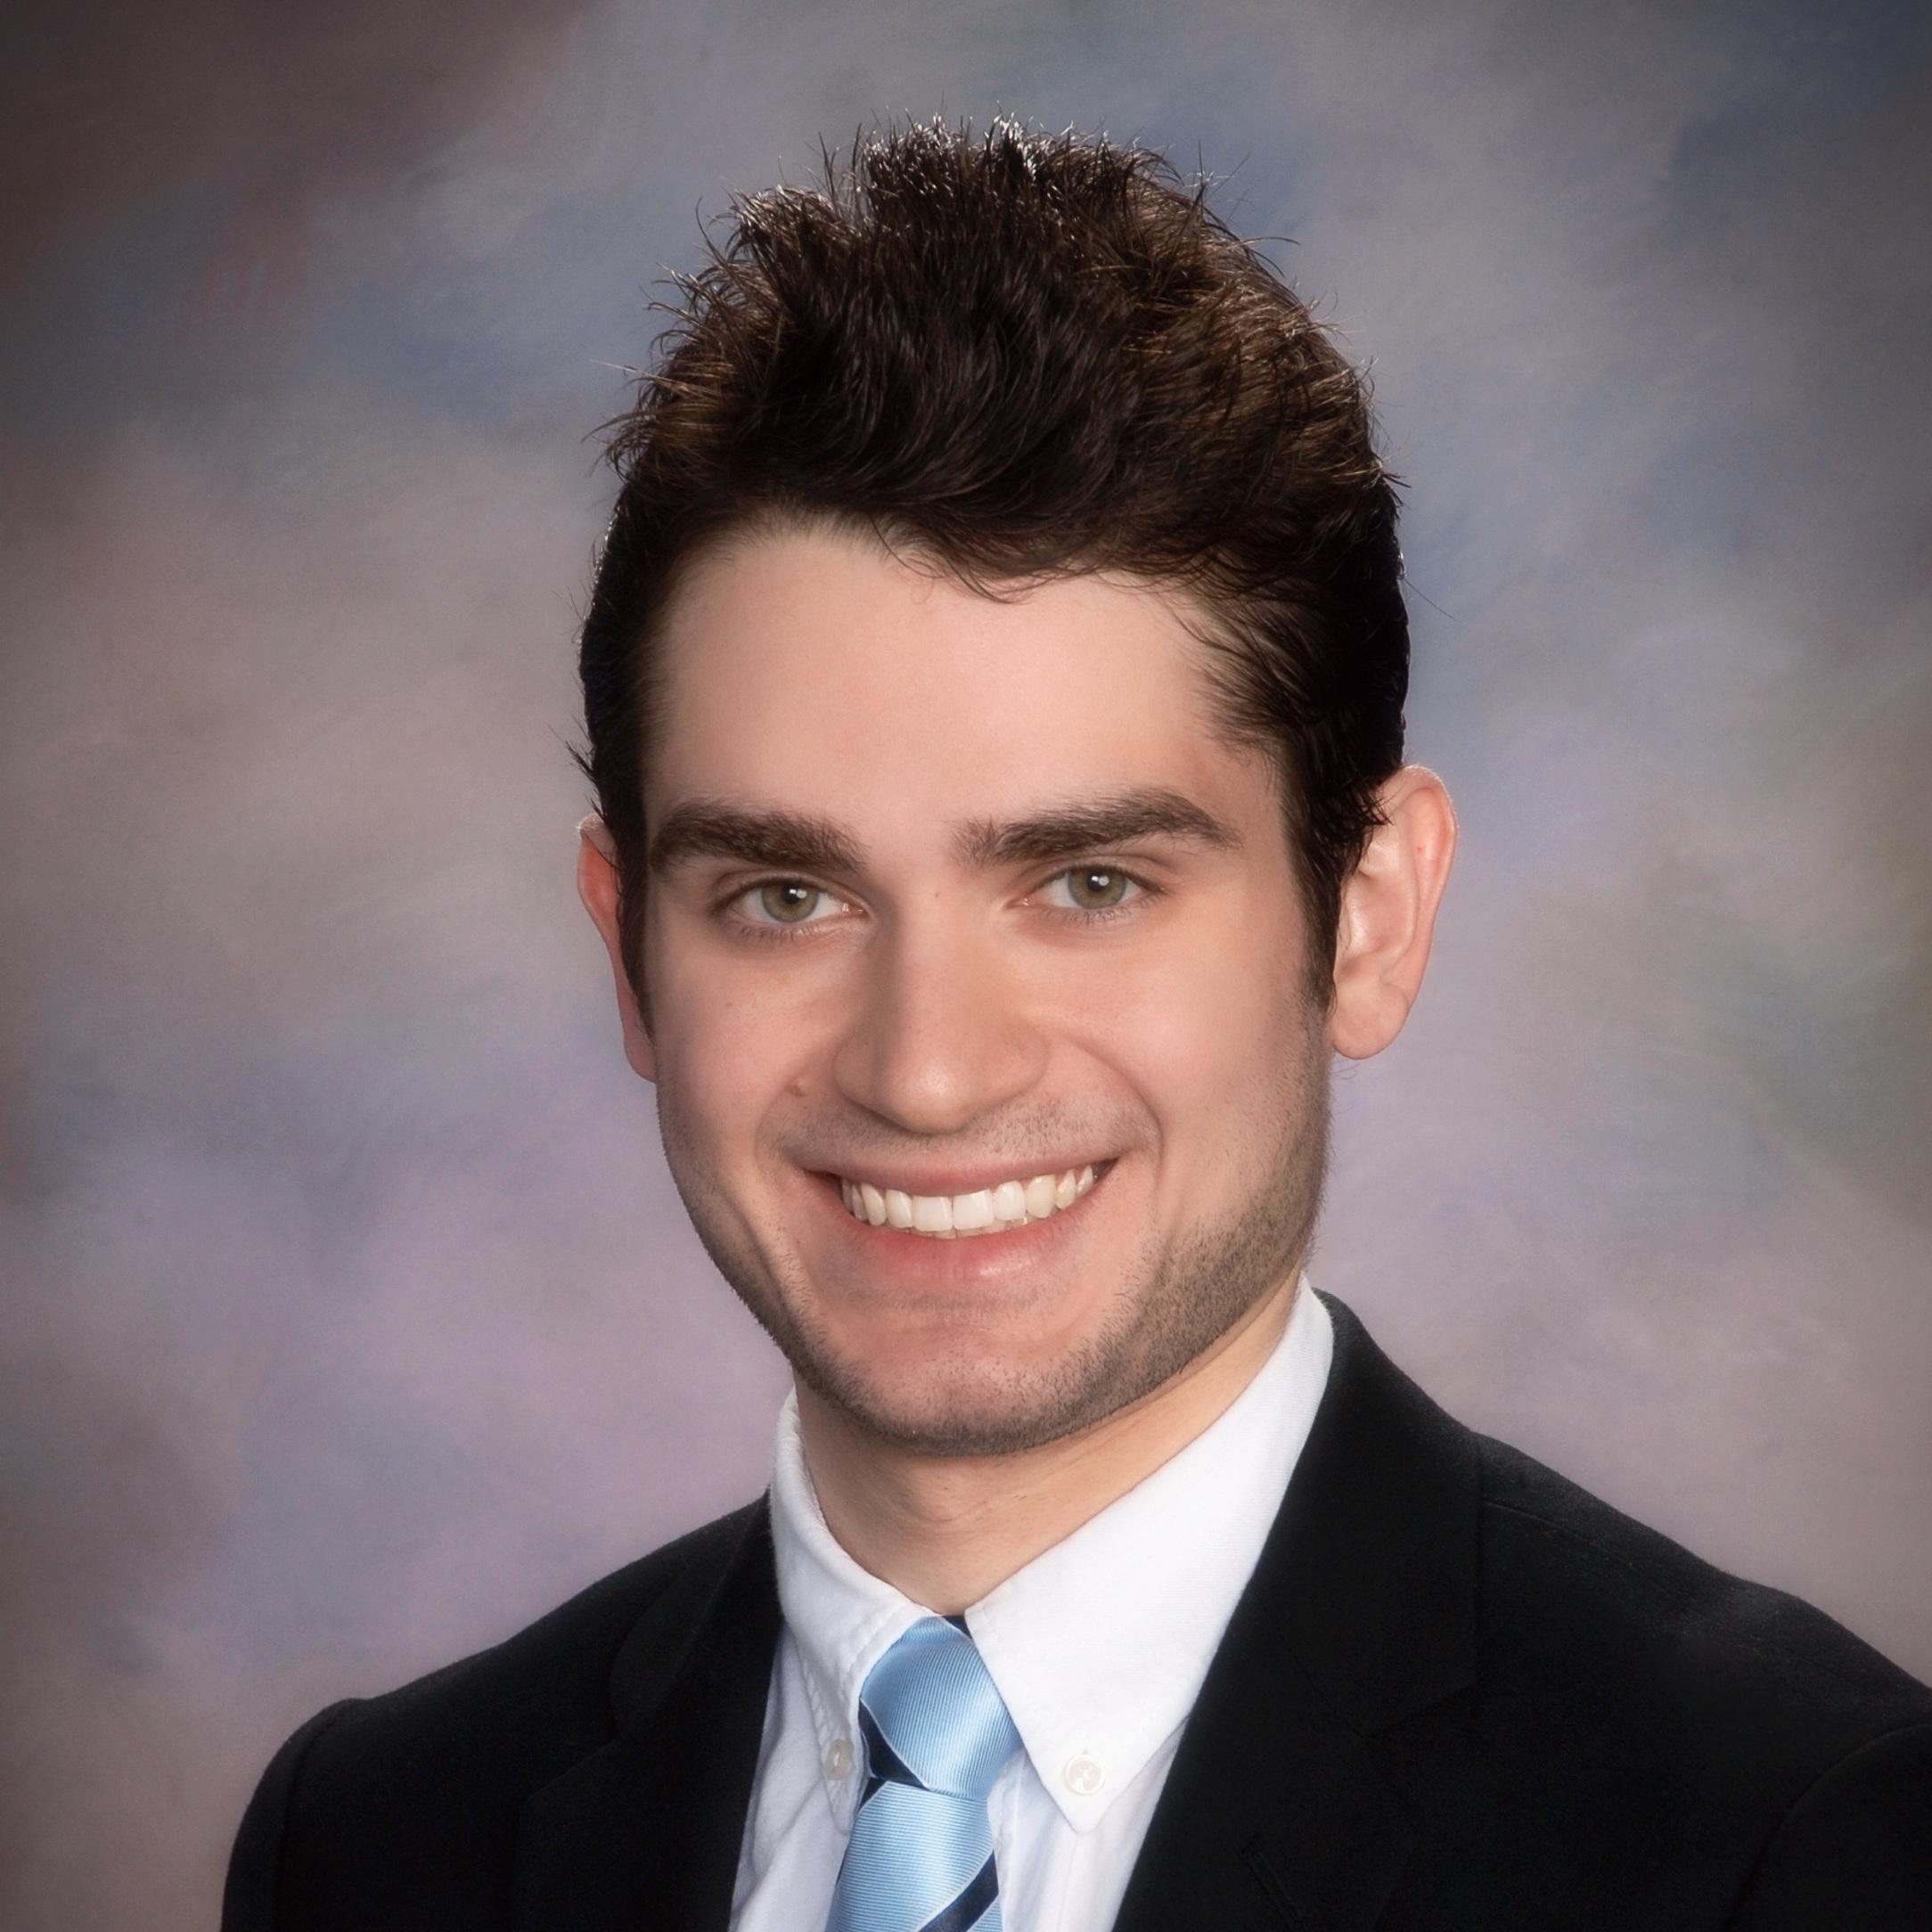 RICHARD NEDERLANDER  Vanderbilt University  XPRIZE